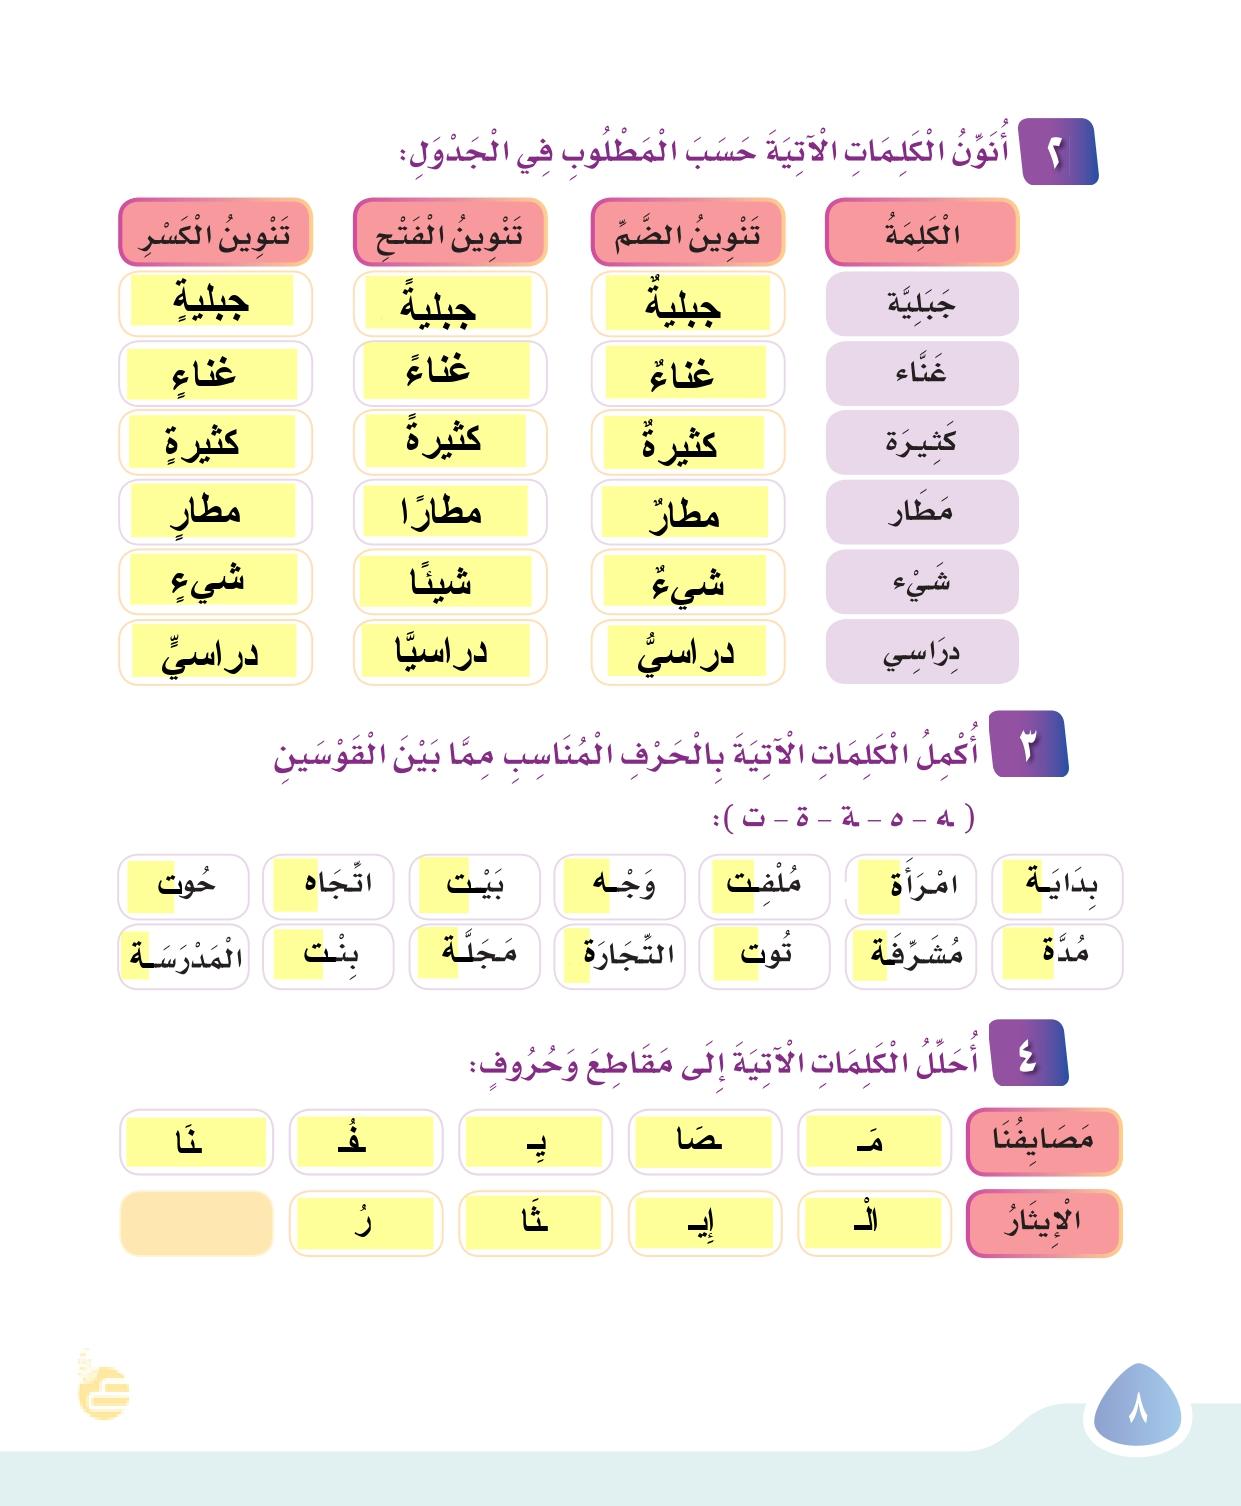 حل كتاب لغتي للصف ثالث ابتدائي الفصل الثاني